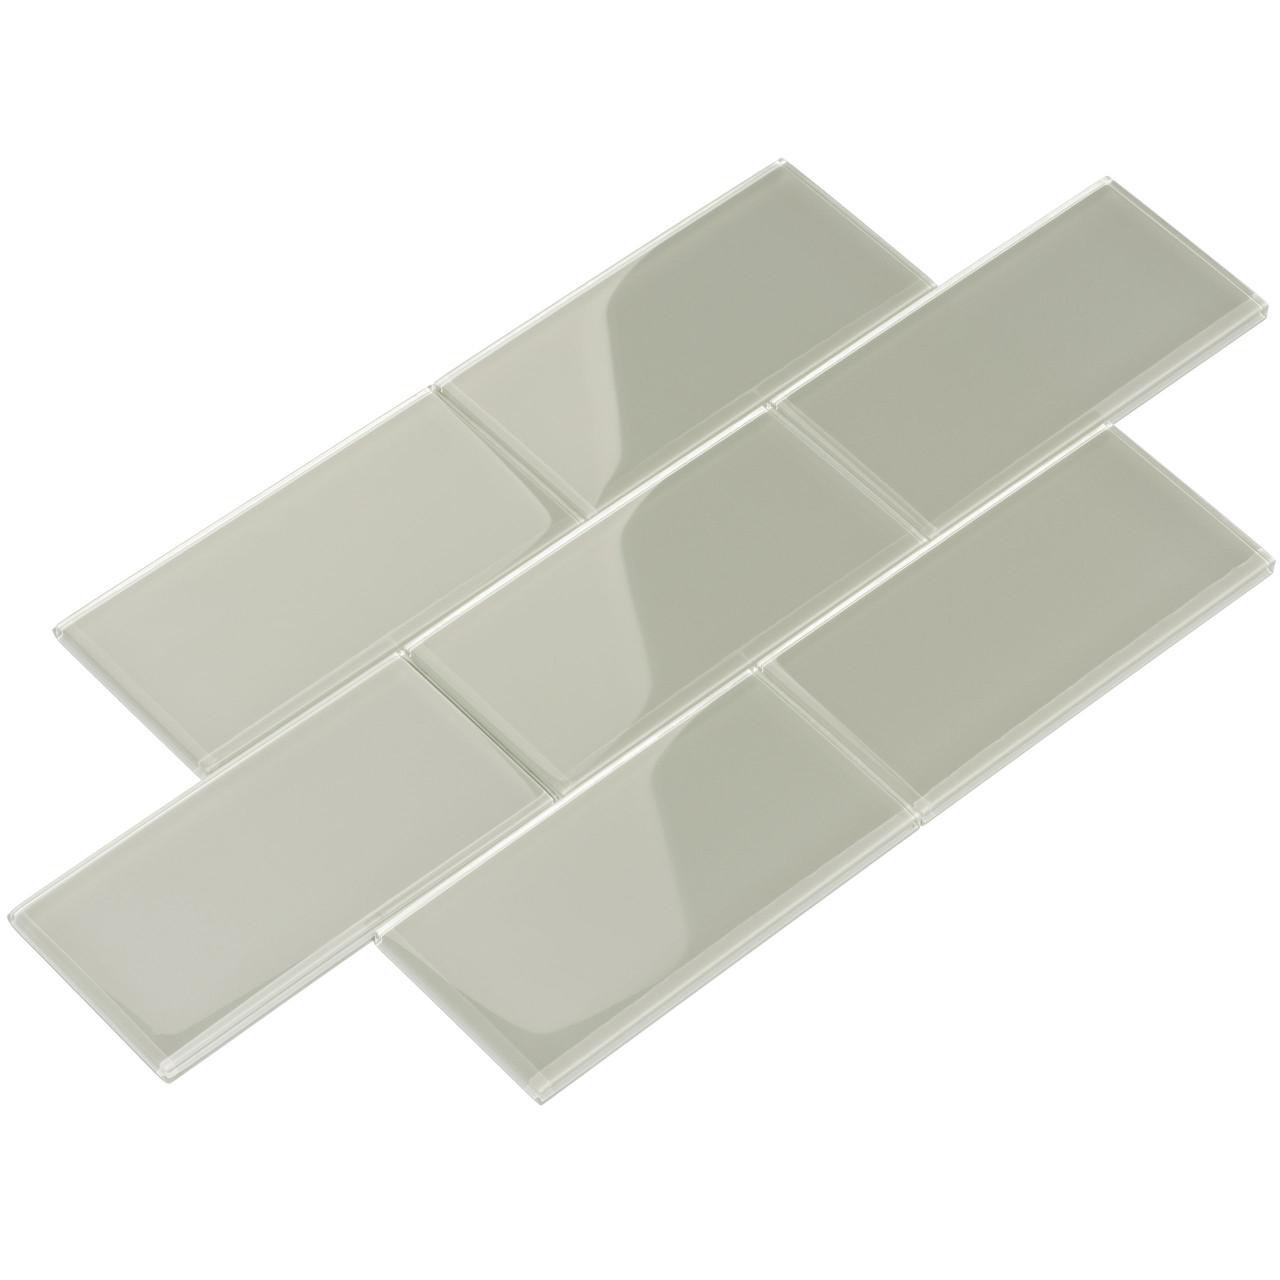 giorbello glass subway tile 3 x 6 light gray